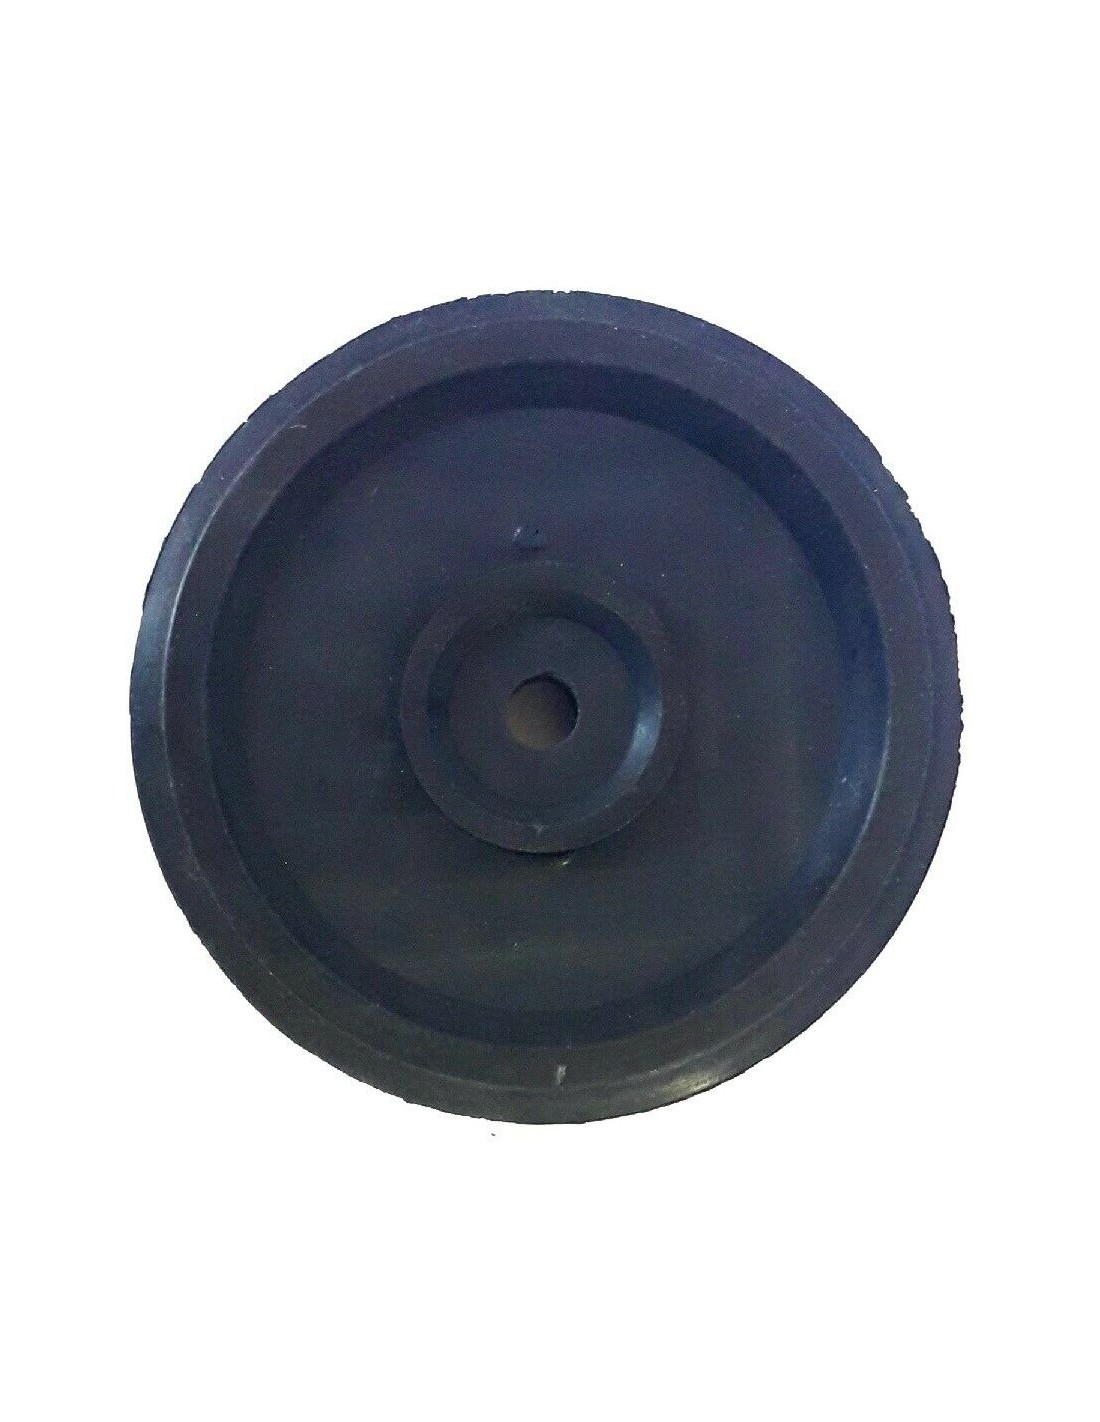 KIT SET 5 ACCESSORI PEZZI PER COMPRESSORE ARIA COMPRESSA PISTOLA GONFIAGGIO  TUBO. Loading zoom 32273cc4eb5f